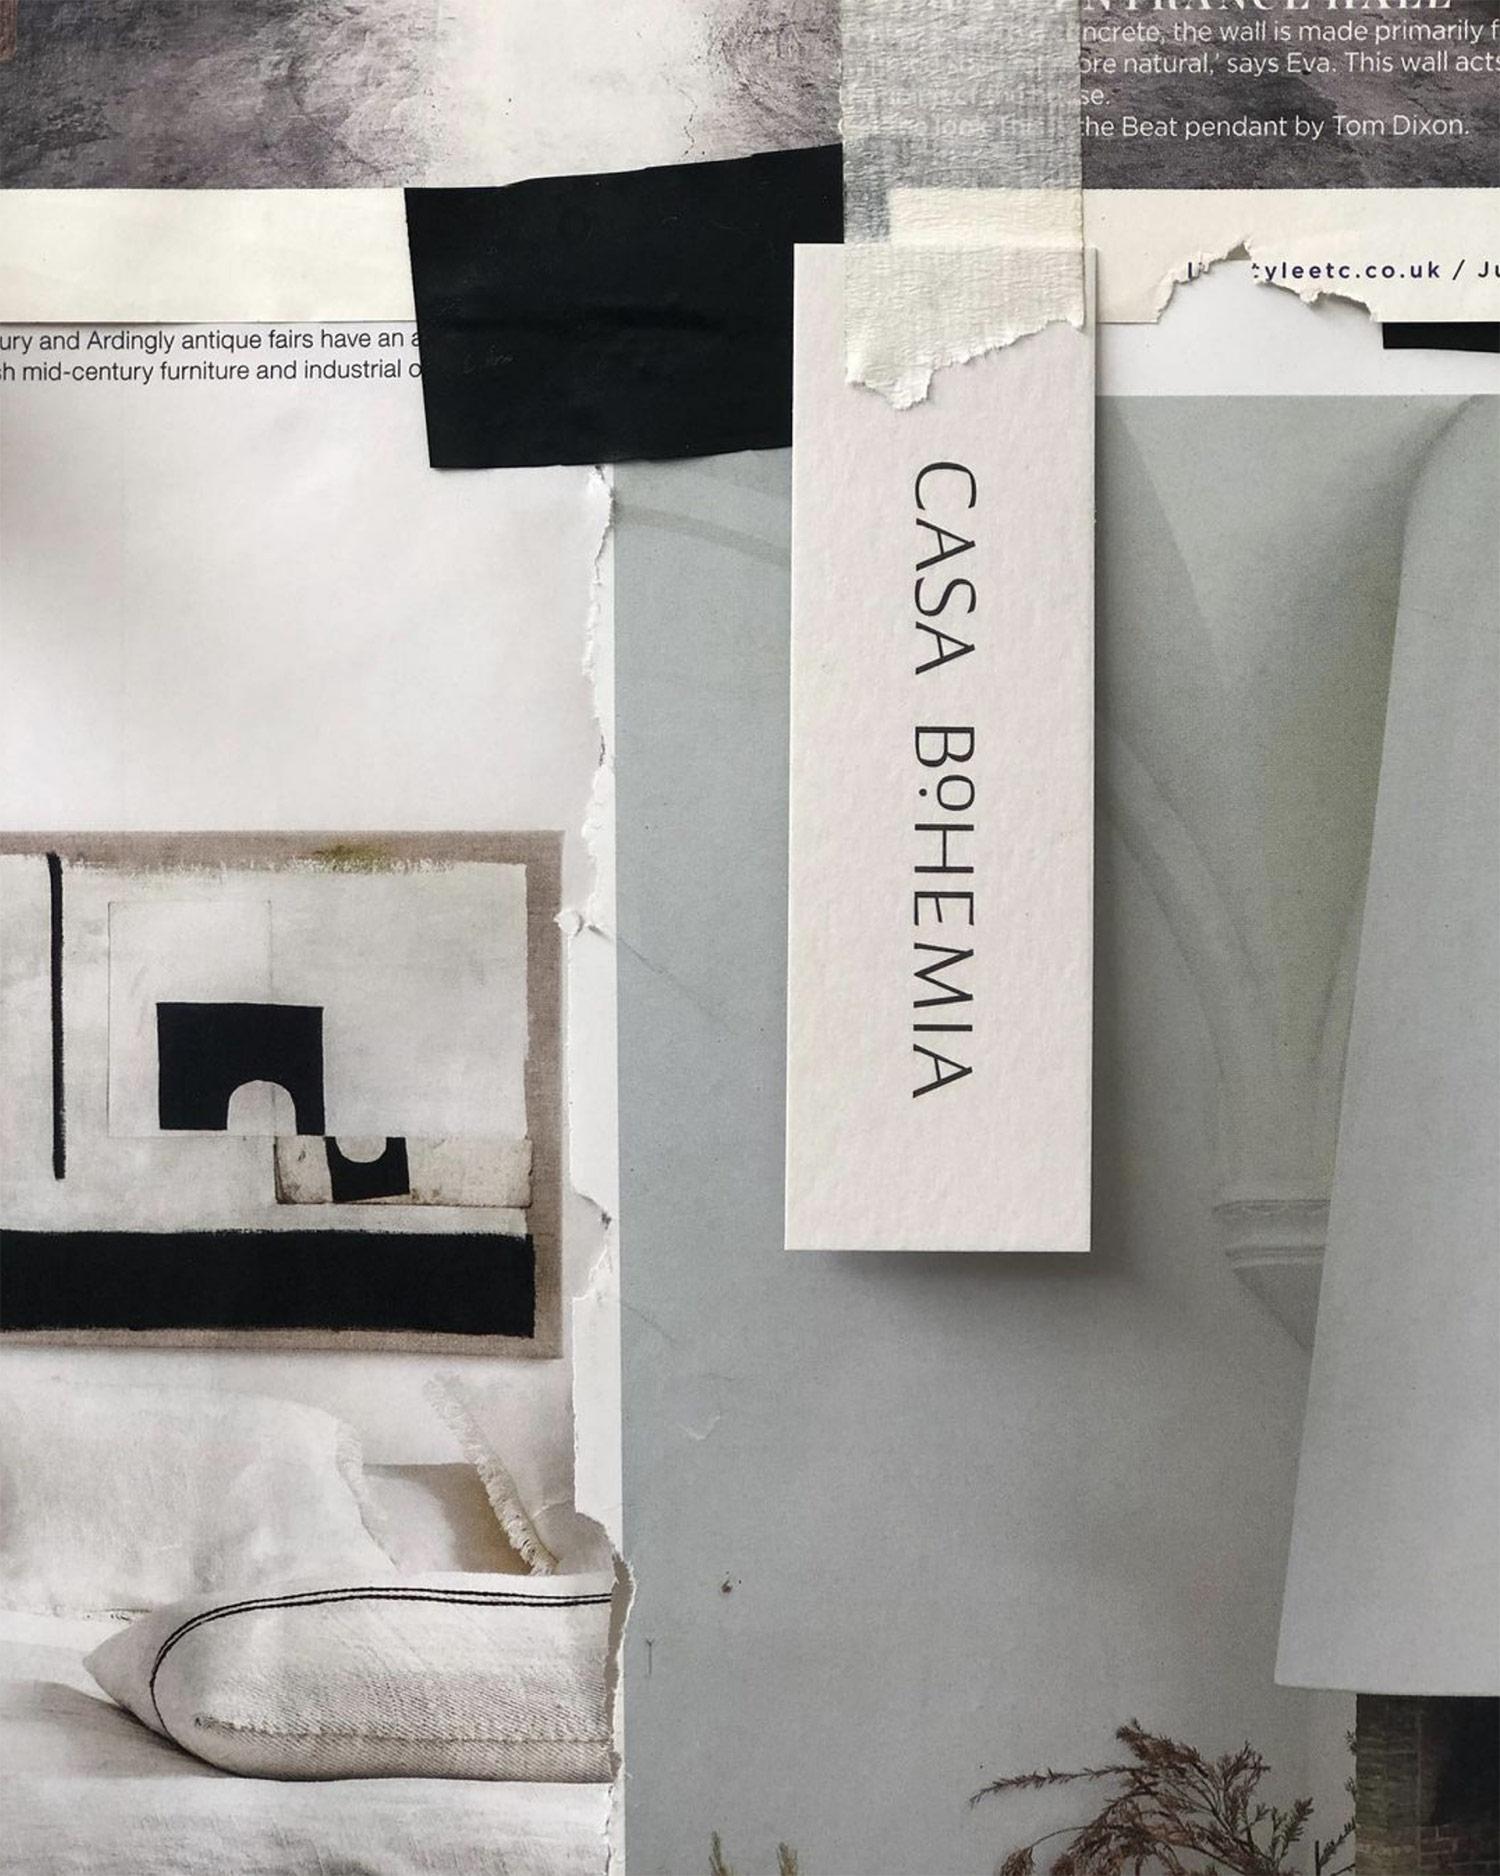 Casa Bohemia moodboard and label design